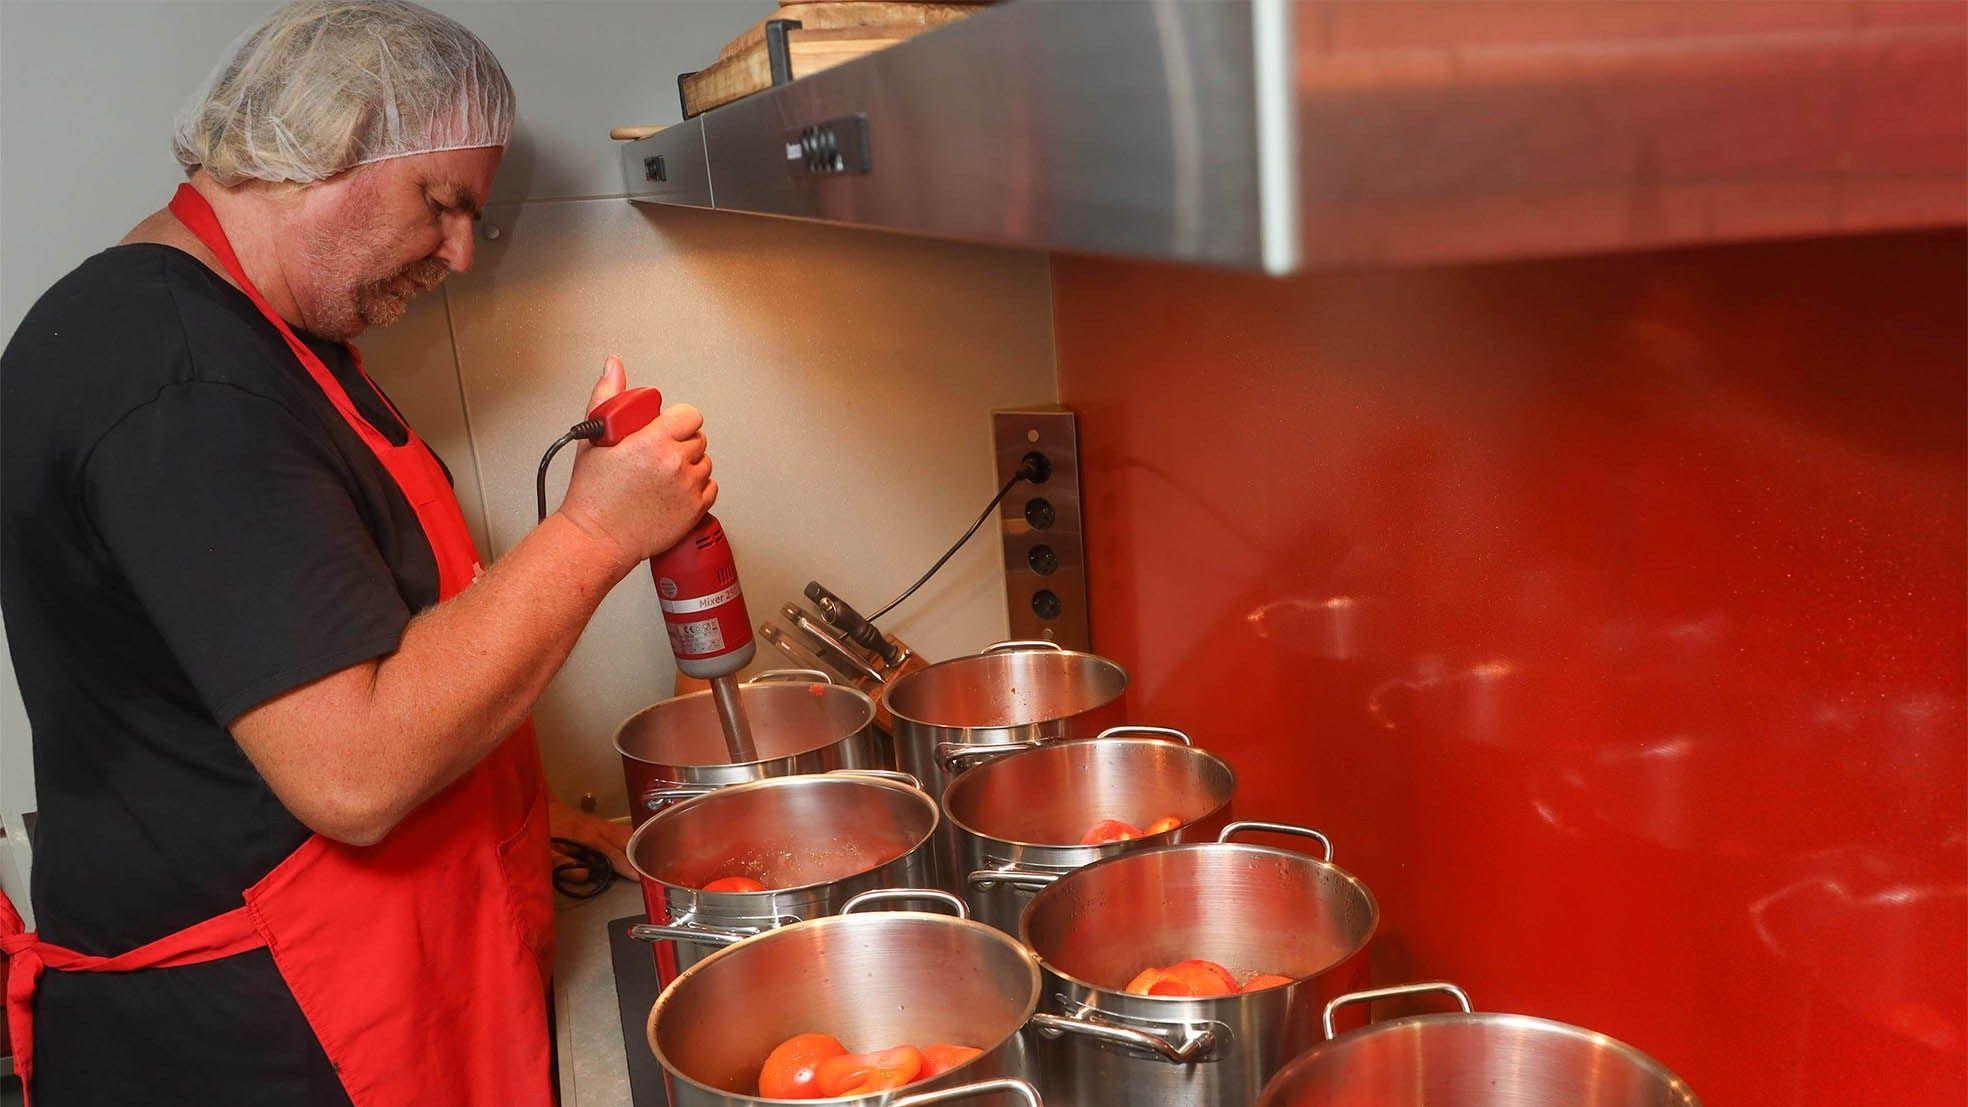 Ketchupfabriek tomaten duurzaam ondernemen zzp keuken